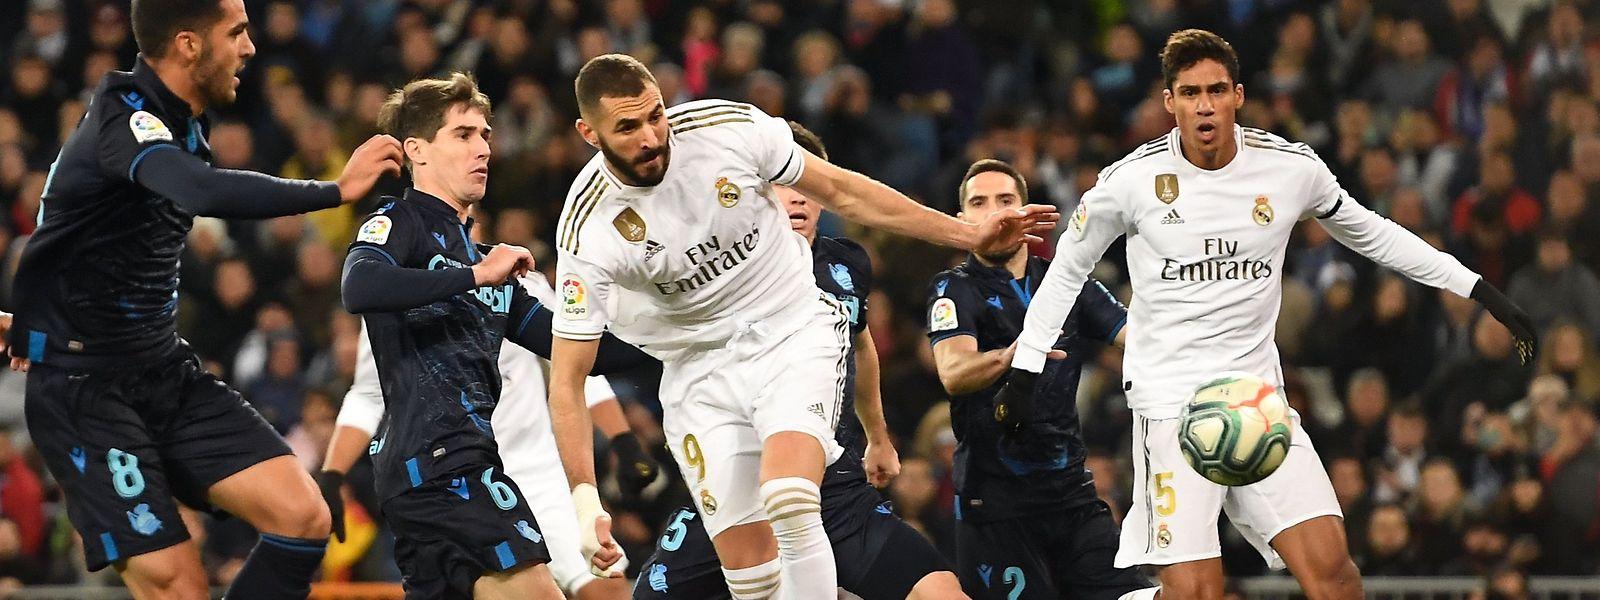 Karim Benzema est actuellement en pleine forme. C'est le meilleur buteur de la Liga avec dix réalisations, deux de mieux que Messi et Moreno.